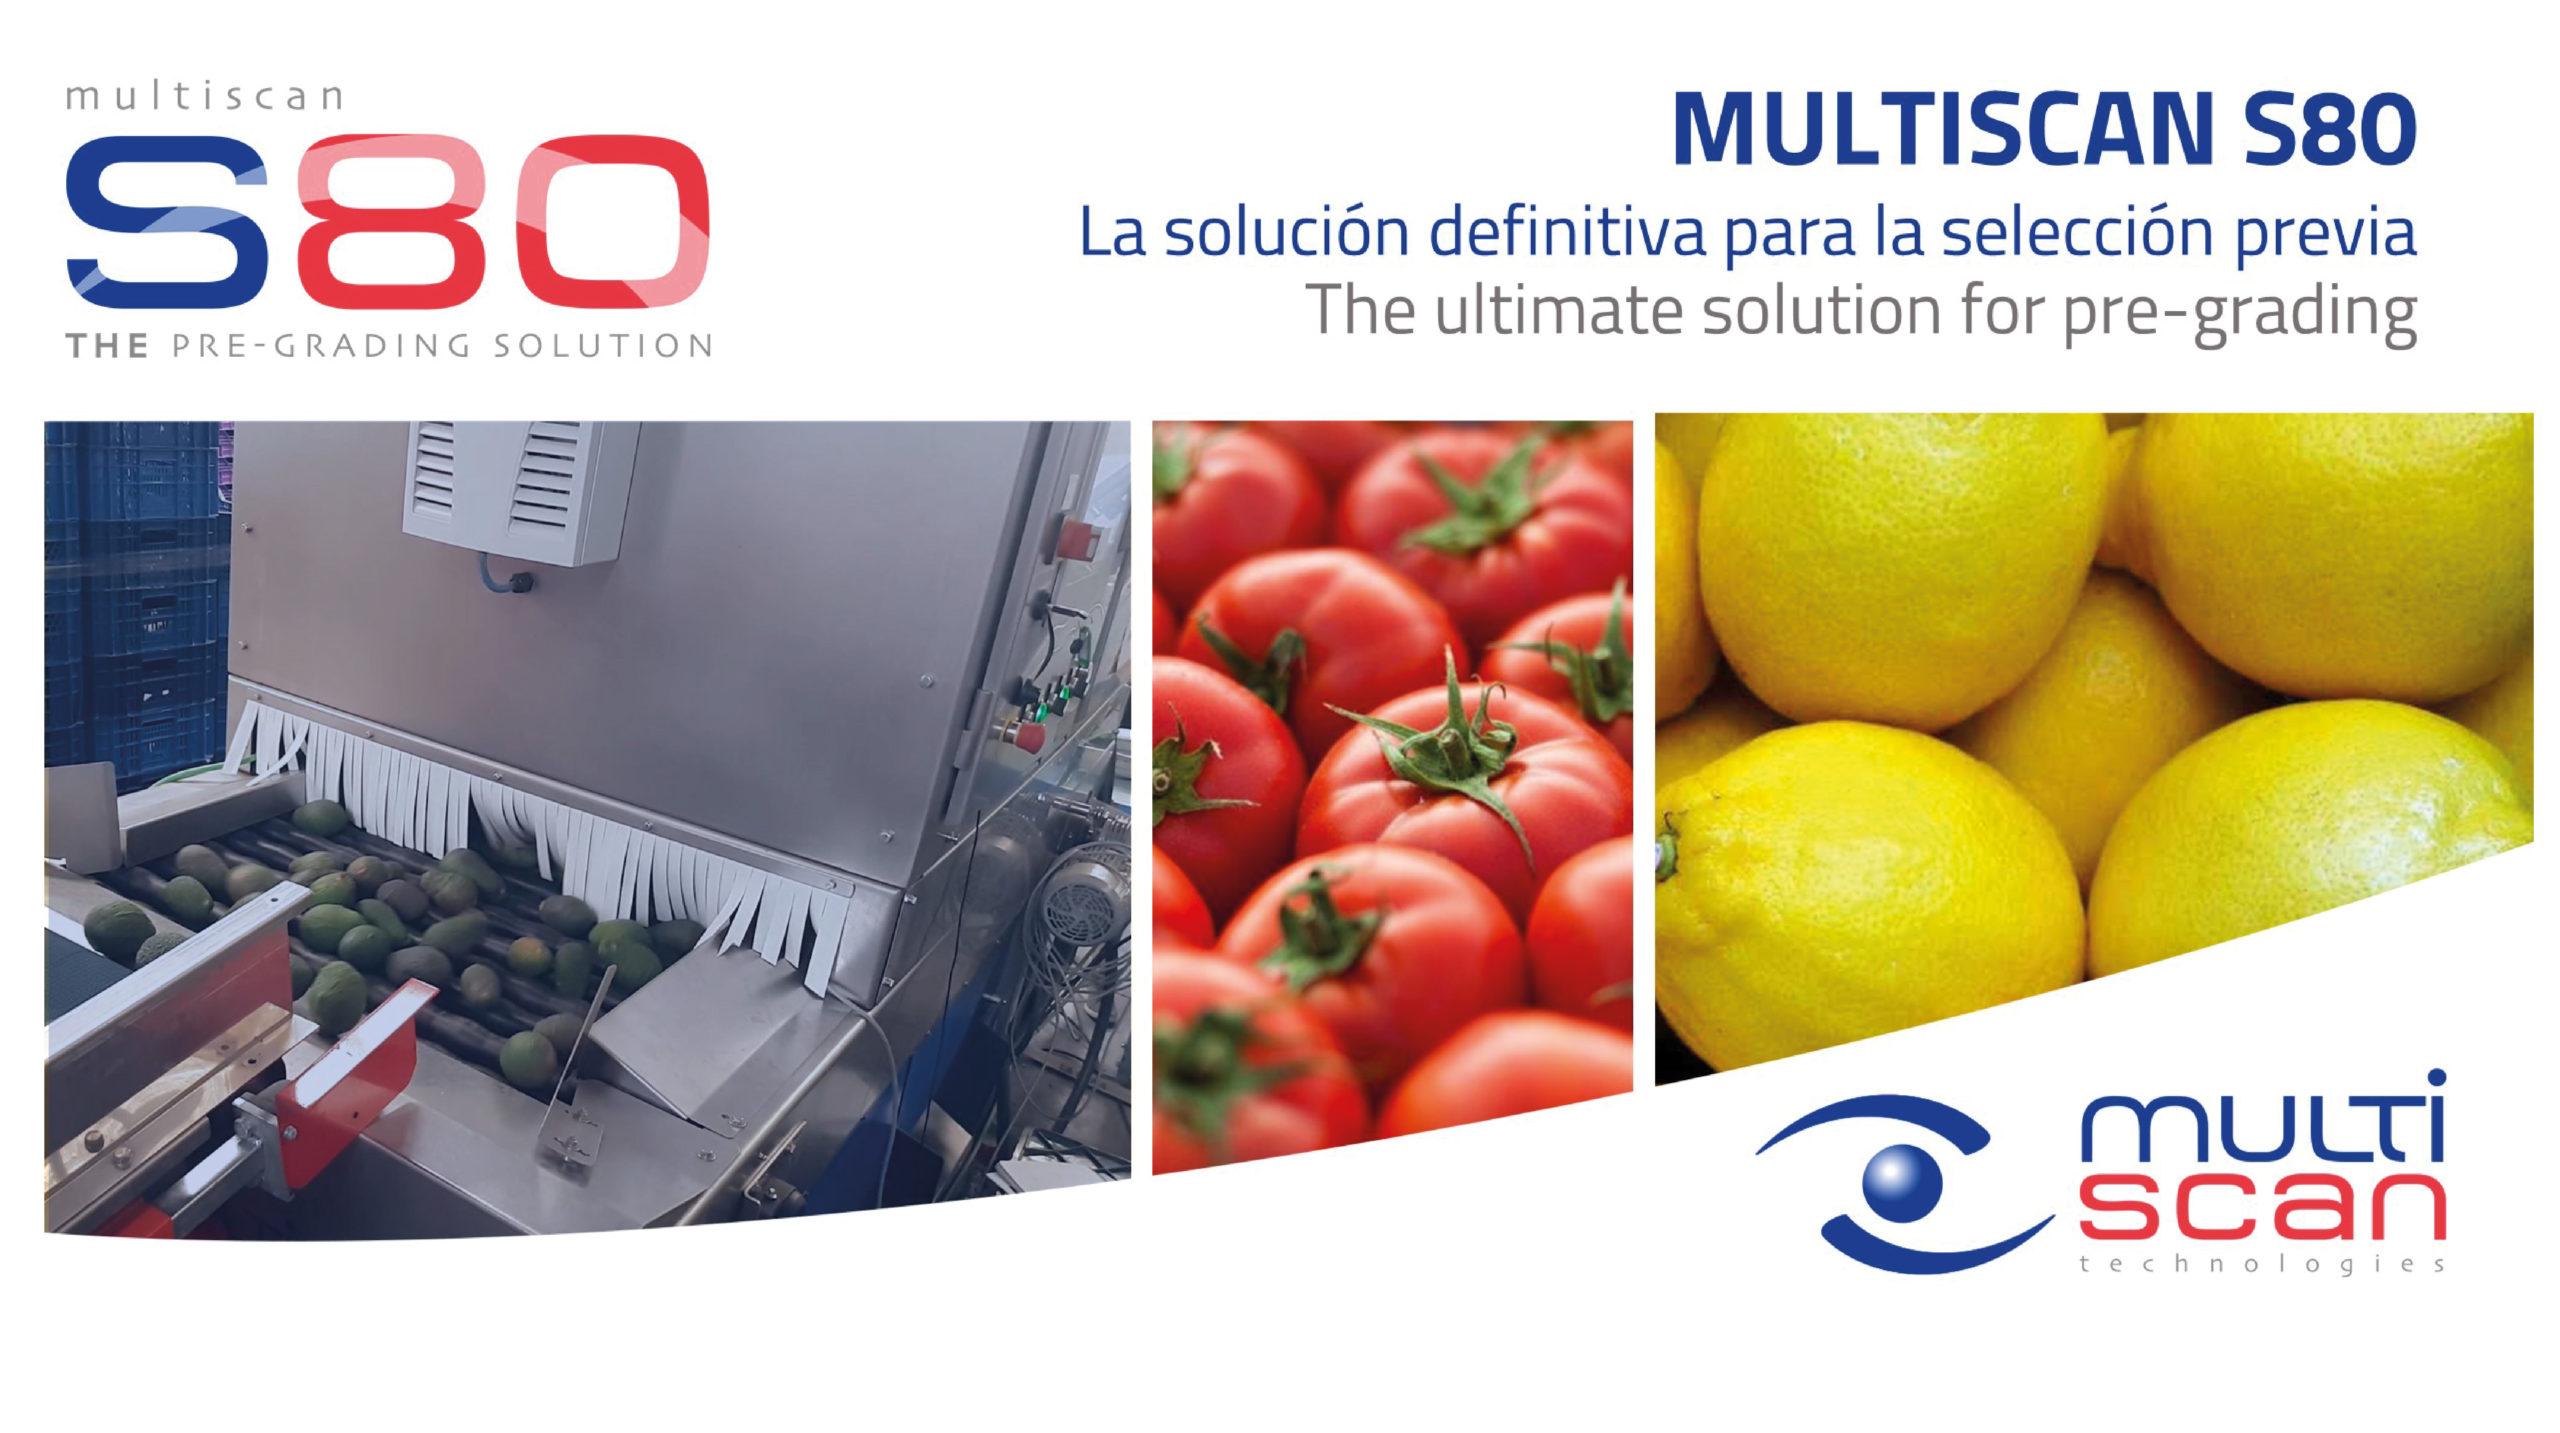 Multiscan S80, la solución definitiva para la selección previa